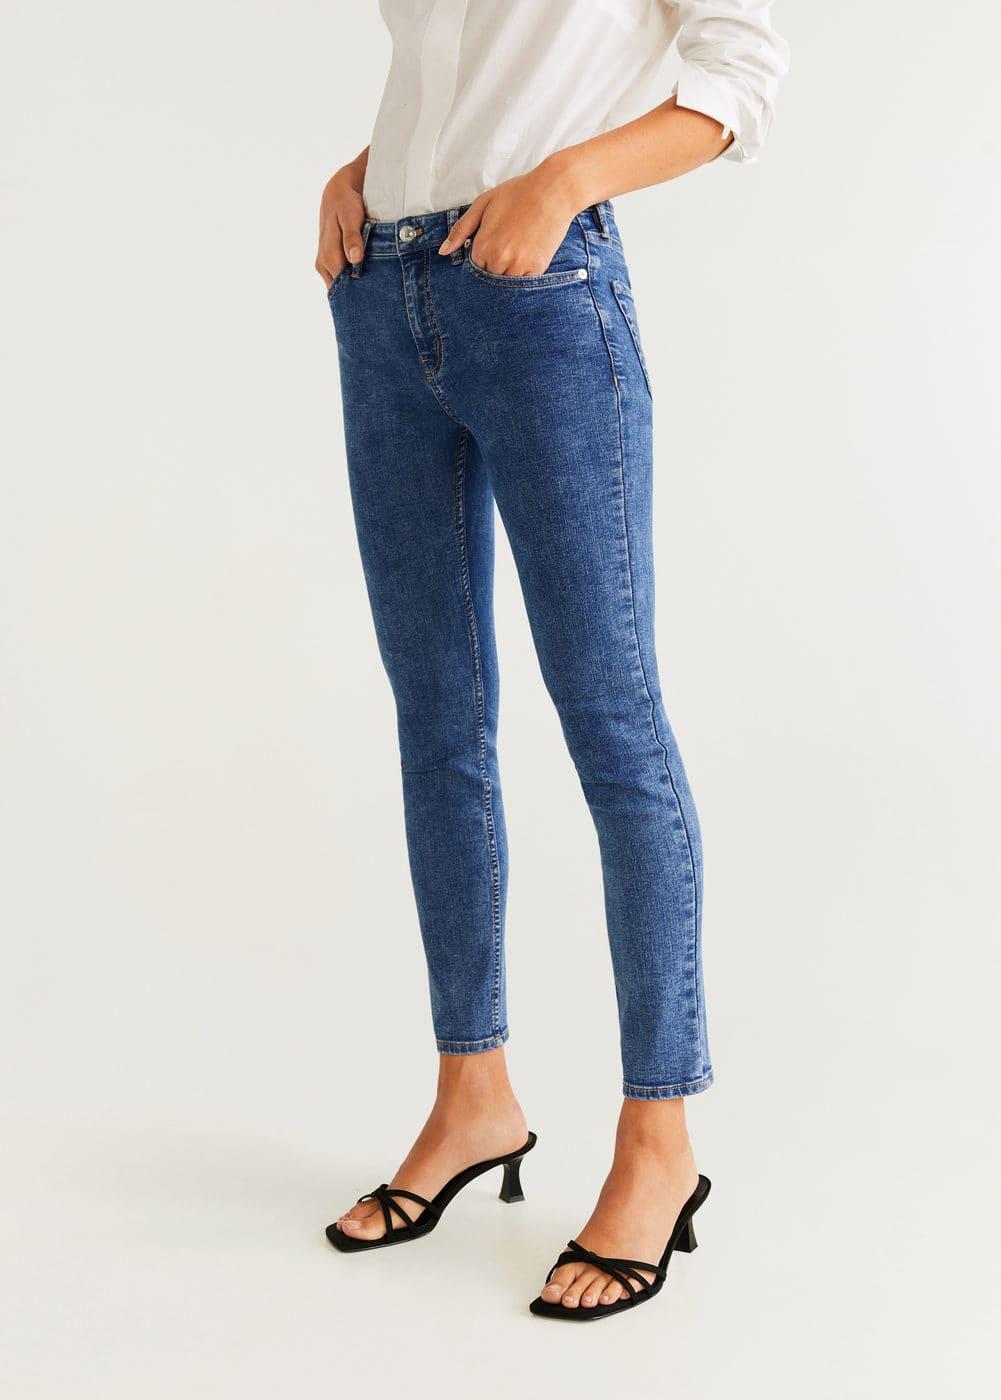 джинсы манго фото нас сможете